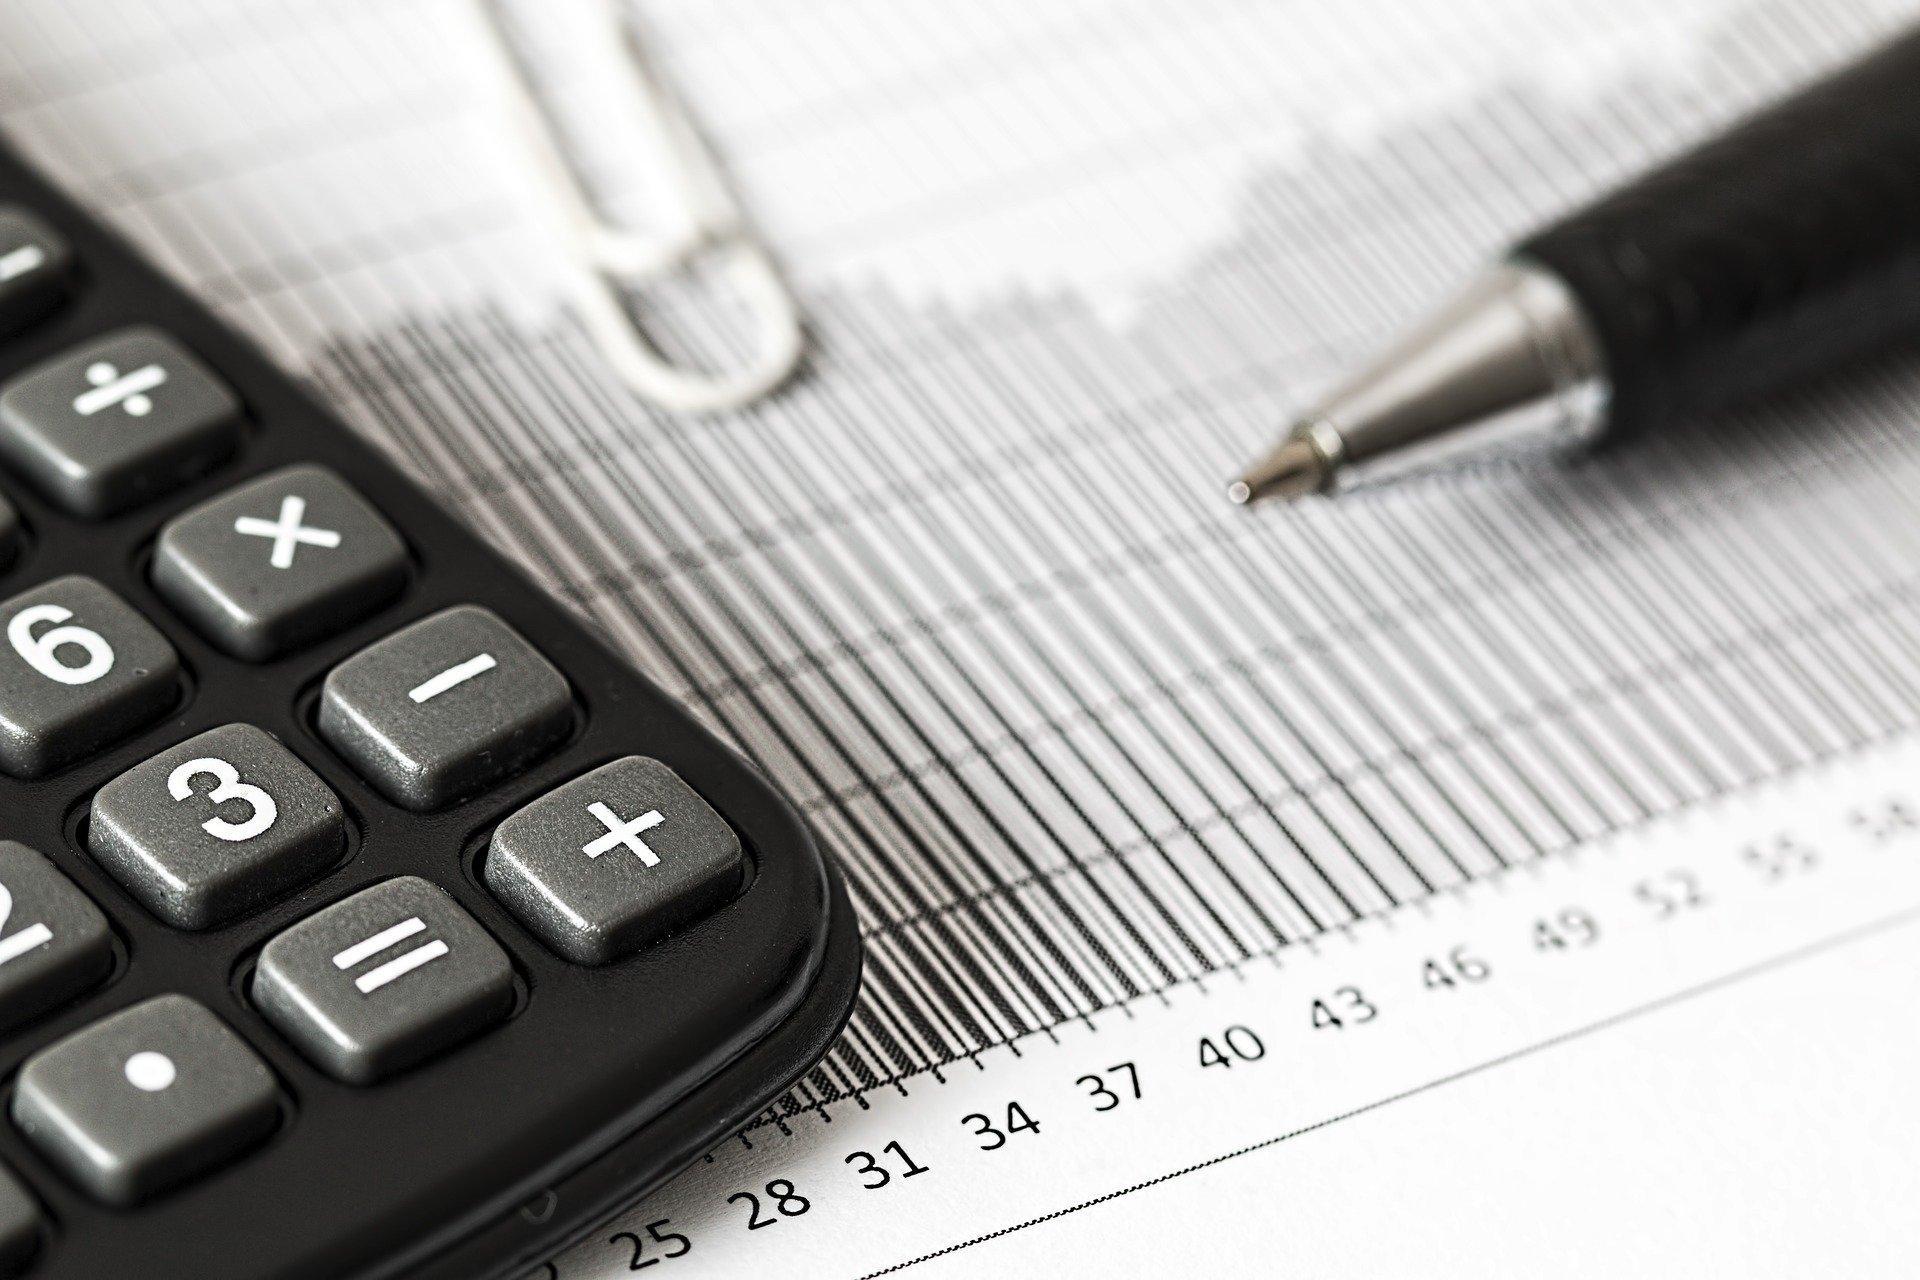 Bild Taschenrechner Rechnung und Stift, Quelle: Bild von Steve Buissinne auf Pixabay